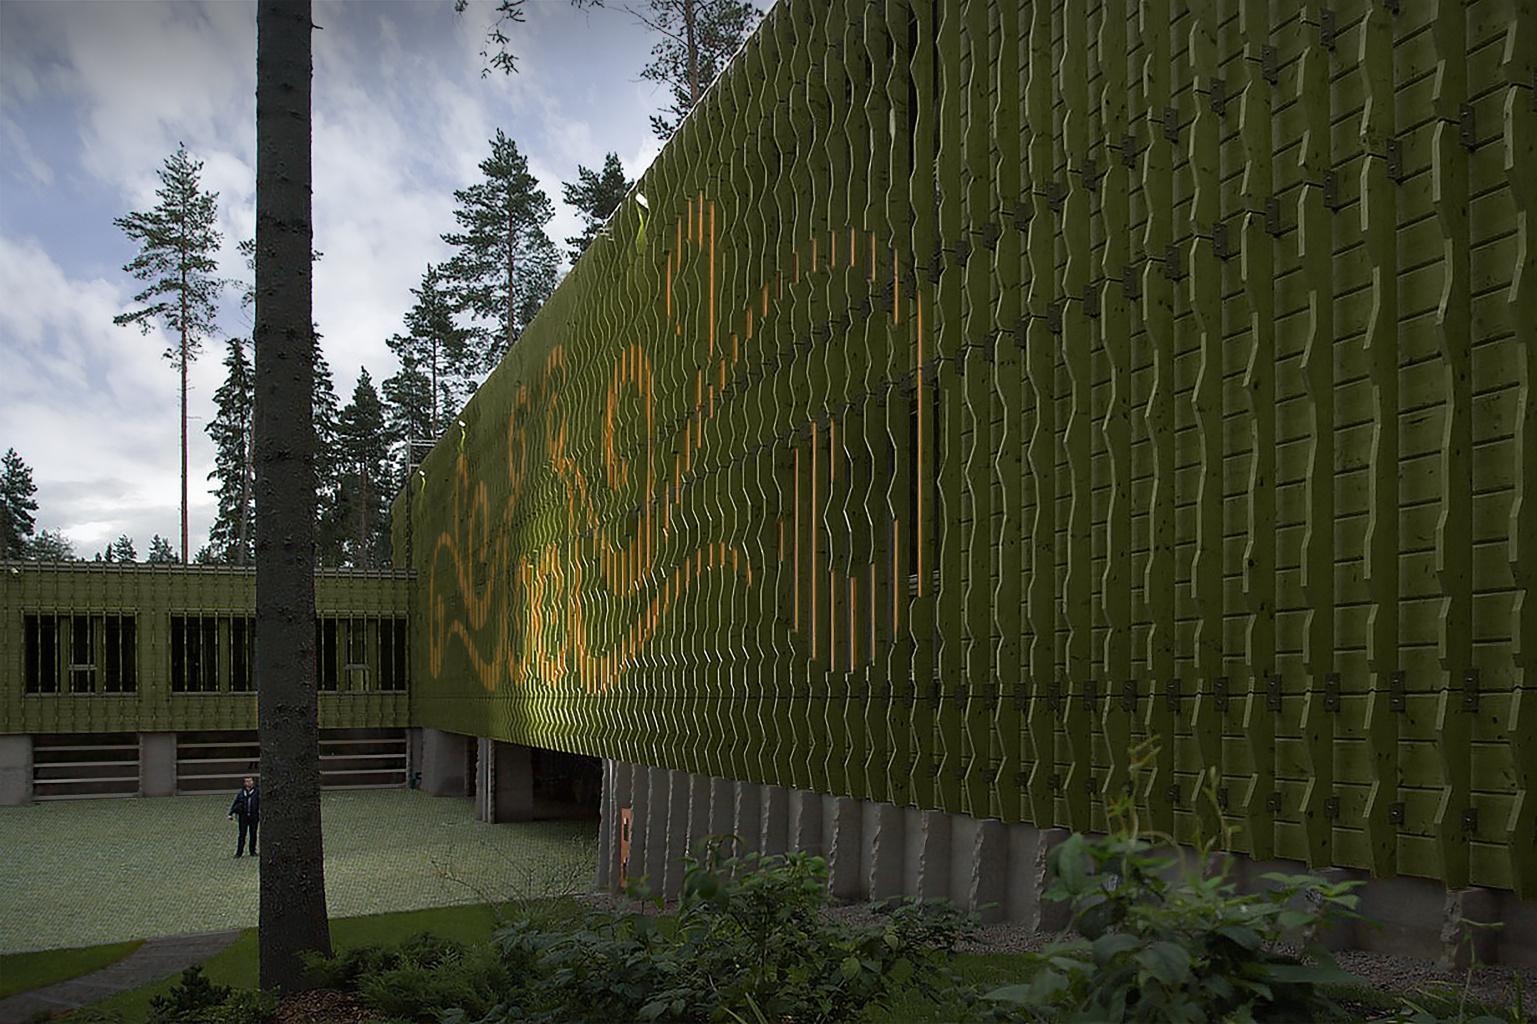 Ingmar-Architects_Дом-мост-скользящего-света_2